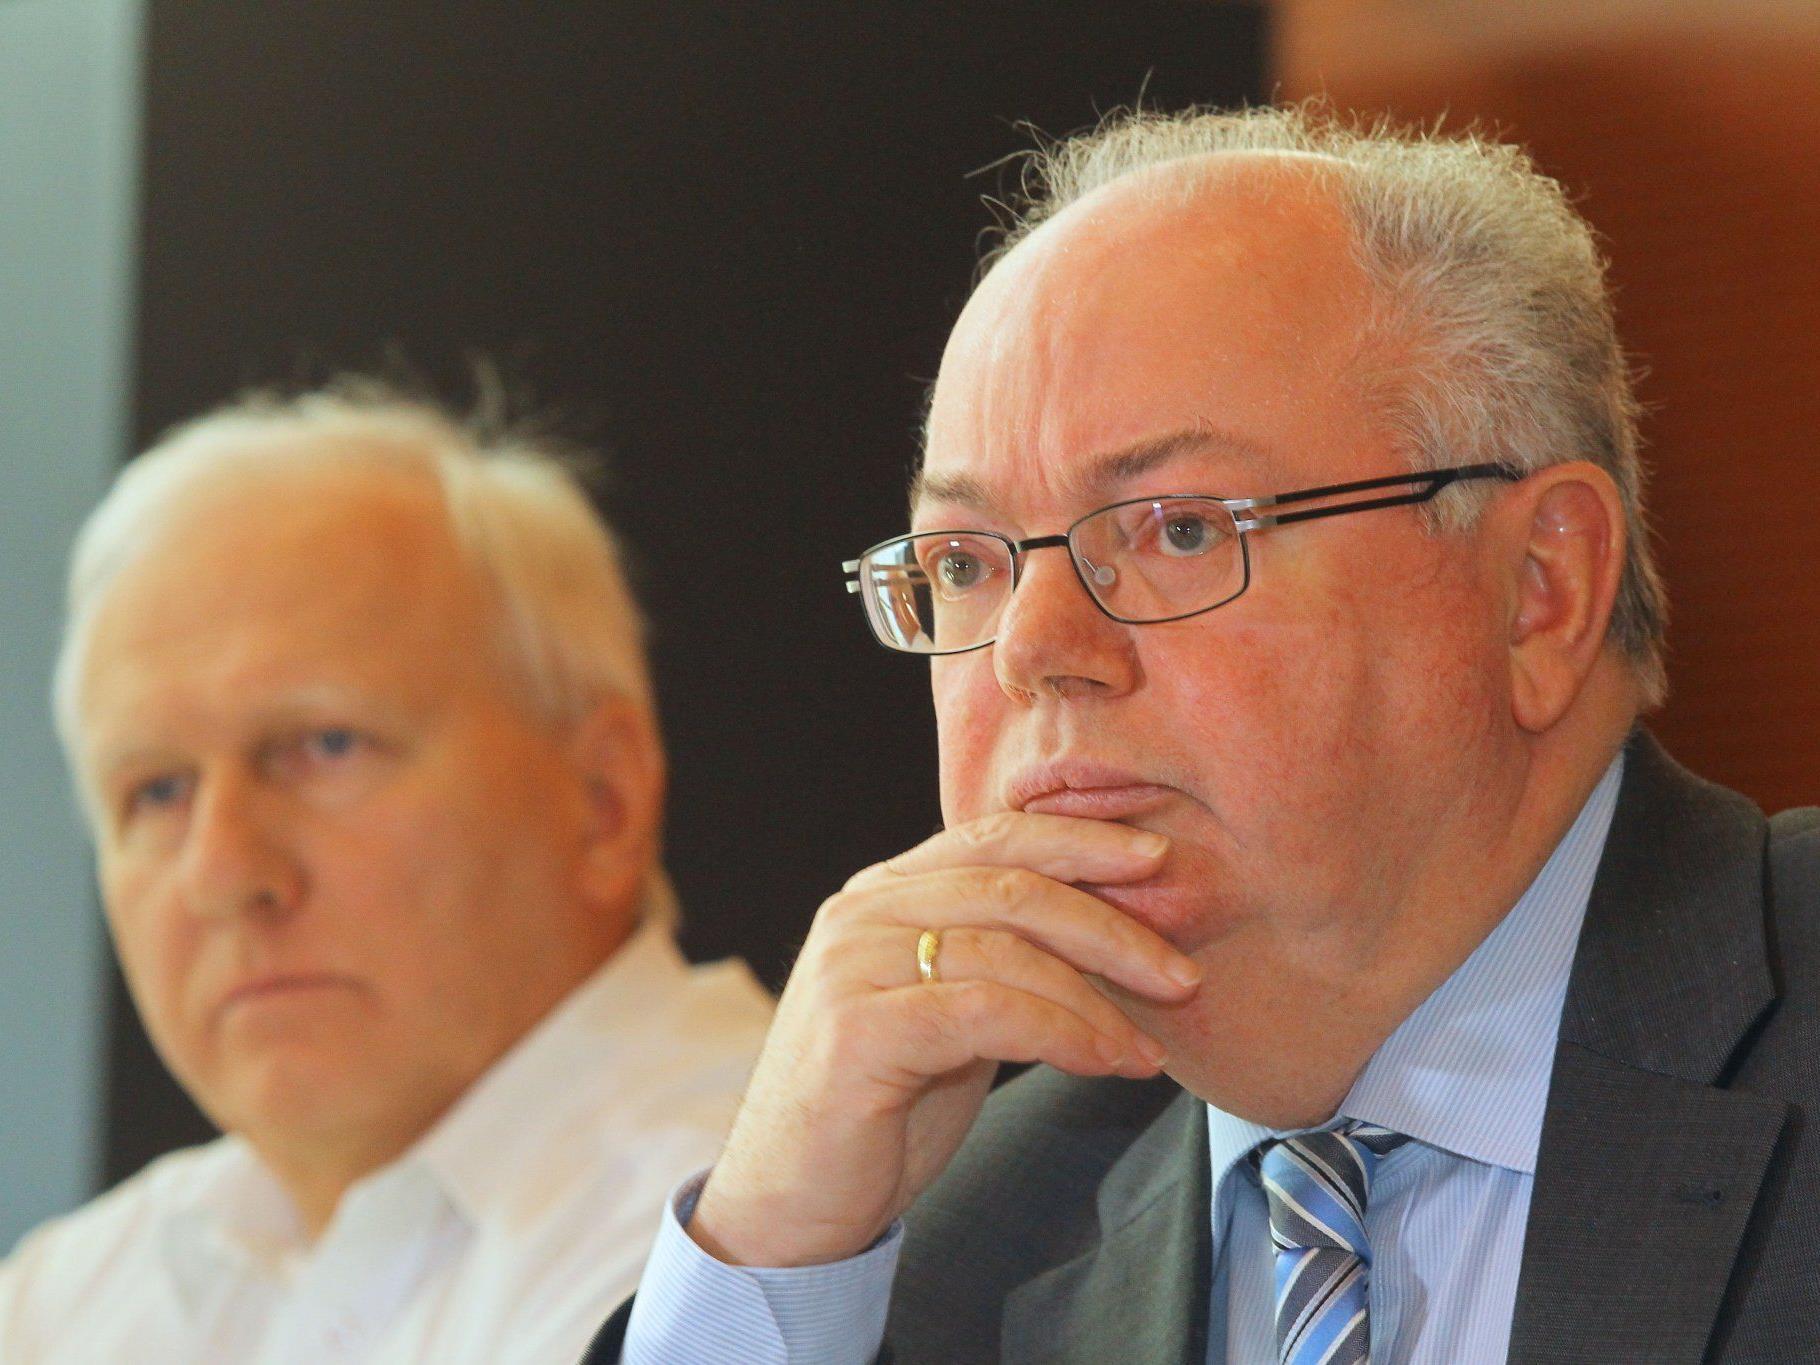 Bürgermeister Wolfgang Rümmele wusste nichts von der im Fokus stehenden Hütte.